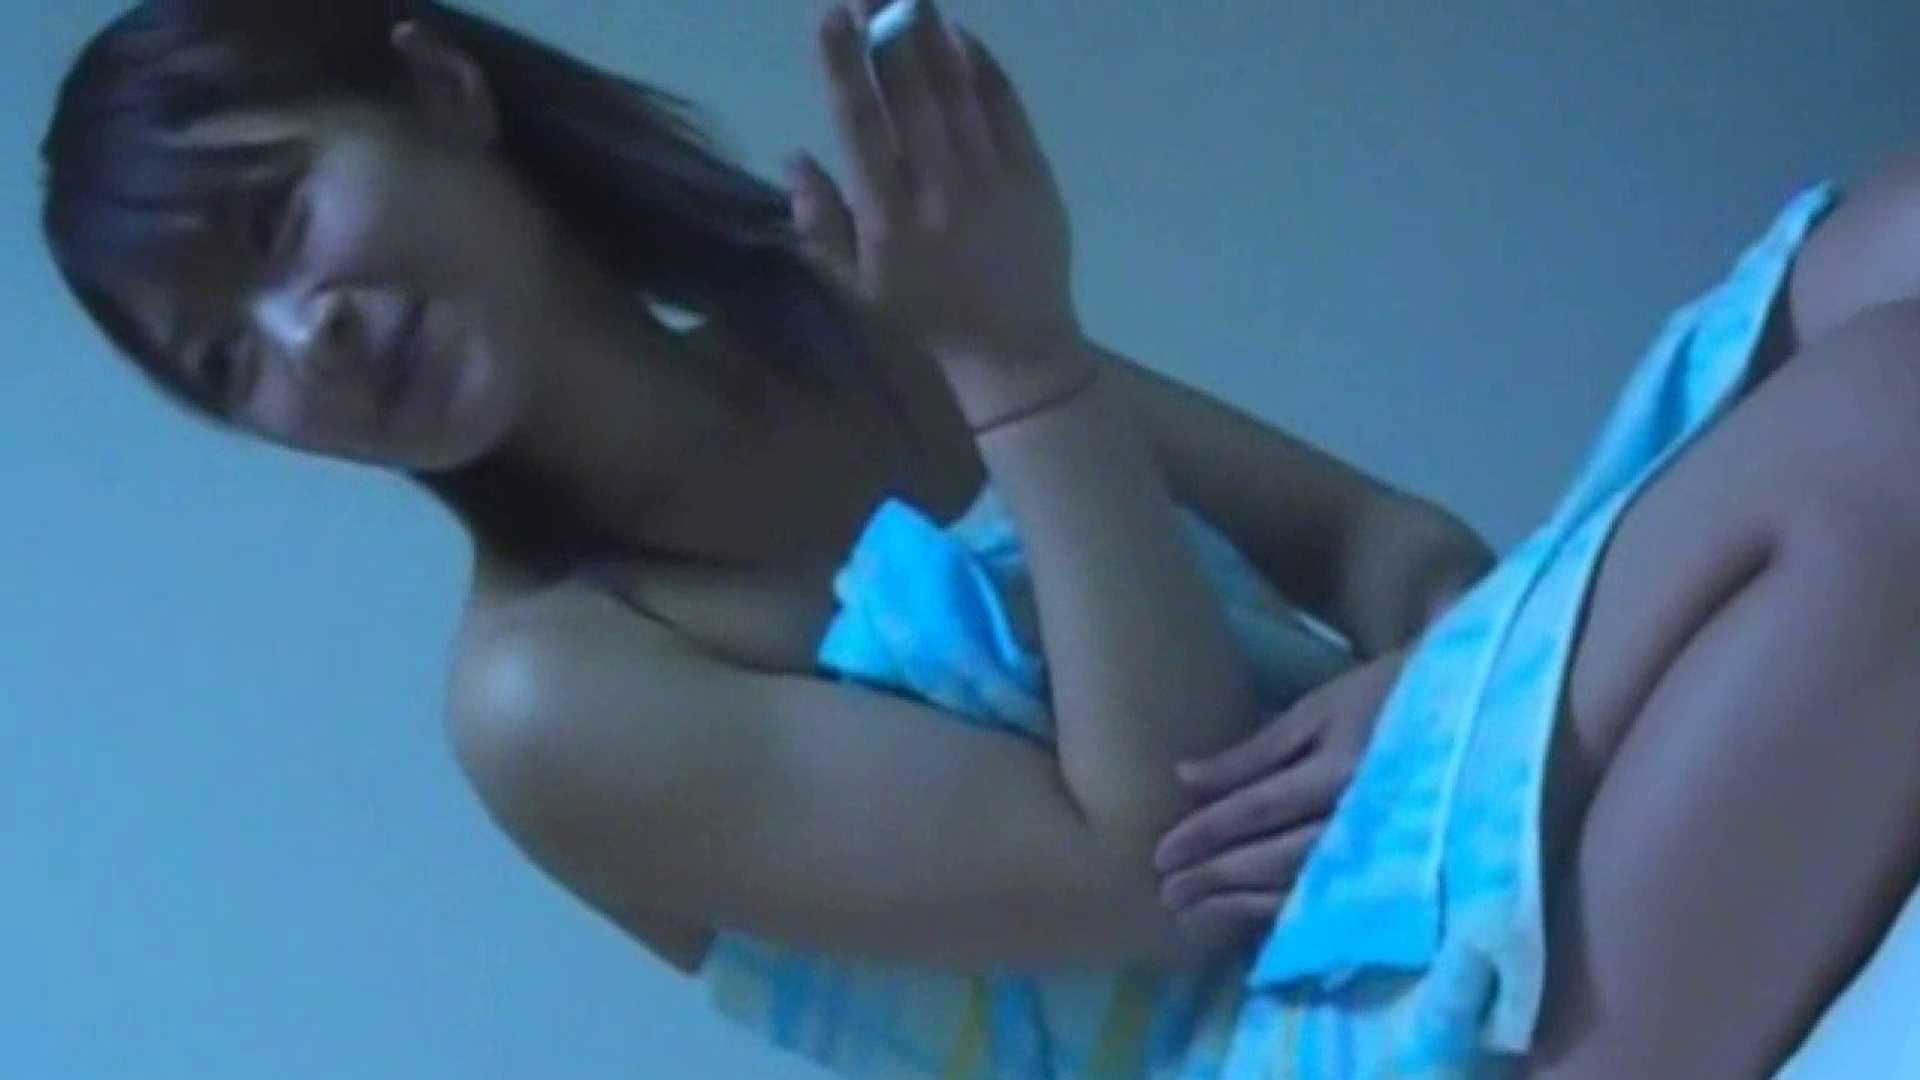 美女だらけのプライベートSEXvol.15前編 エッチすぎるOL達 | エッチすぎる美女  29連発 9